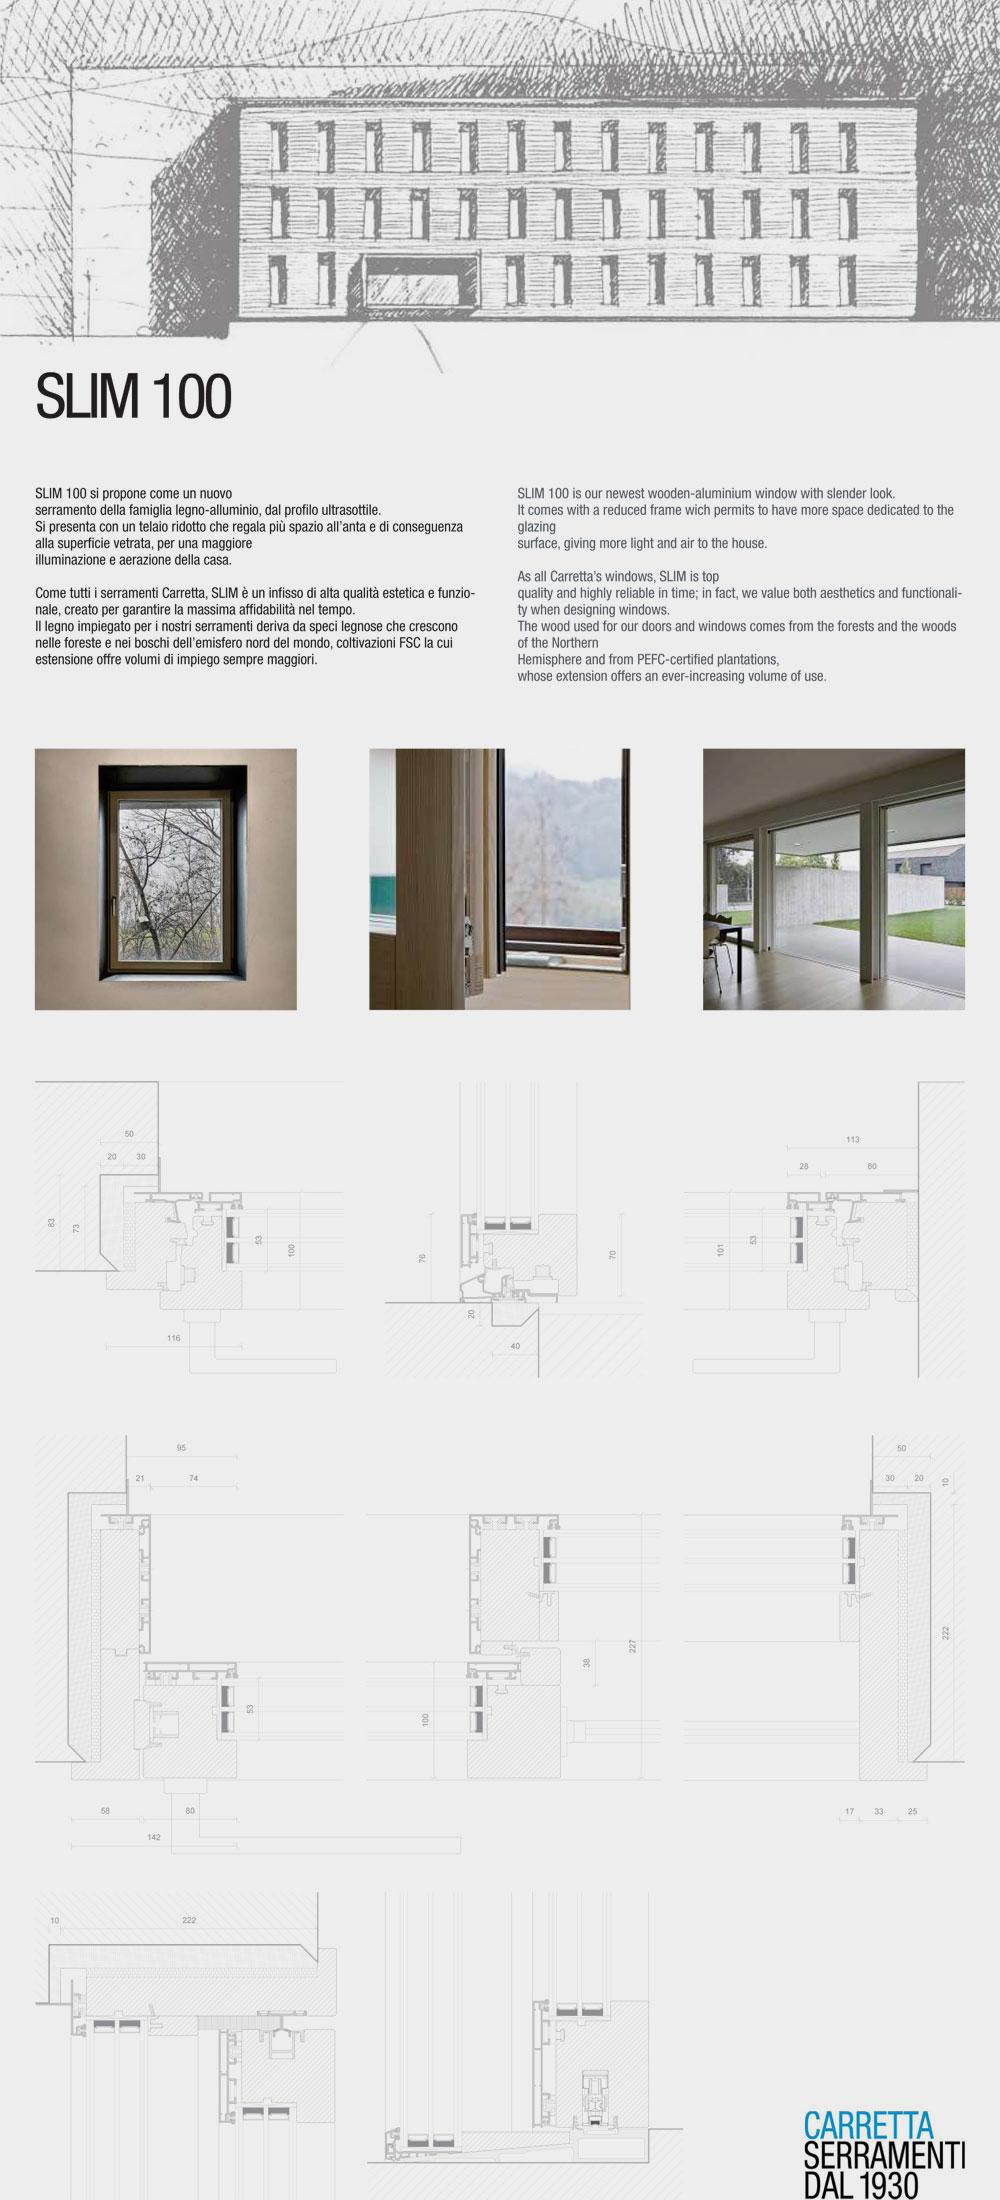 Carretta Serramenti produzione finestre in legno e alluminio Slim 100